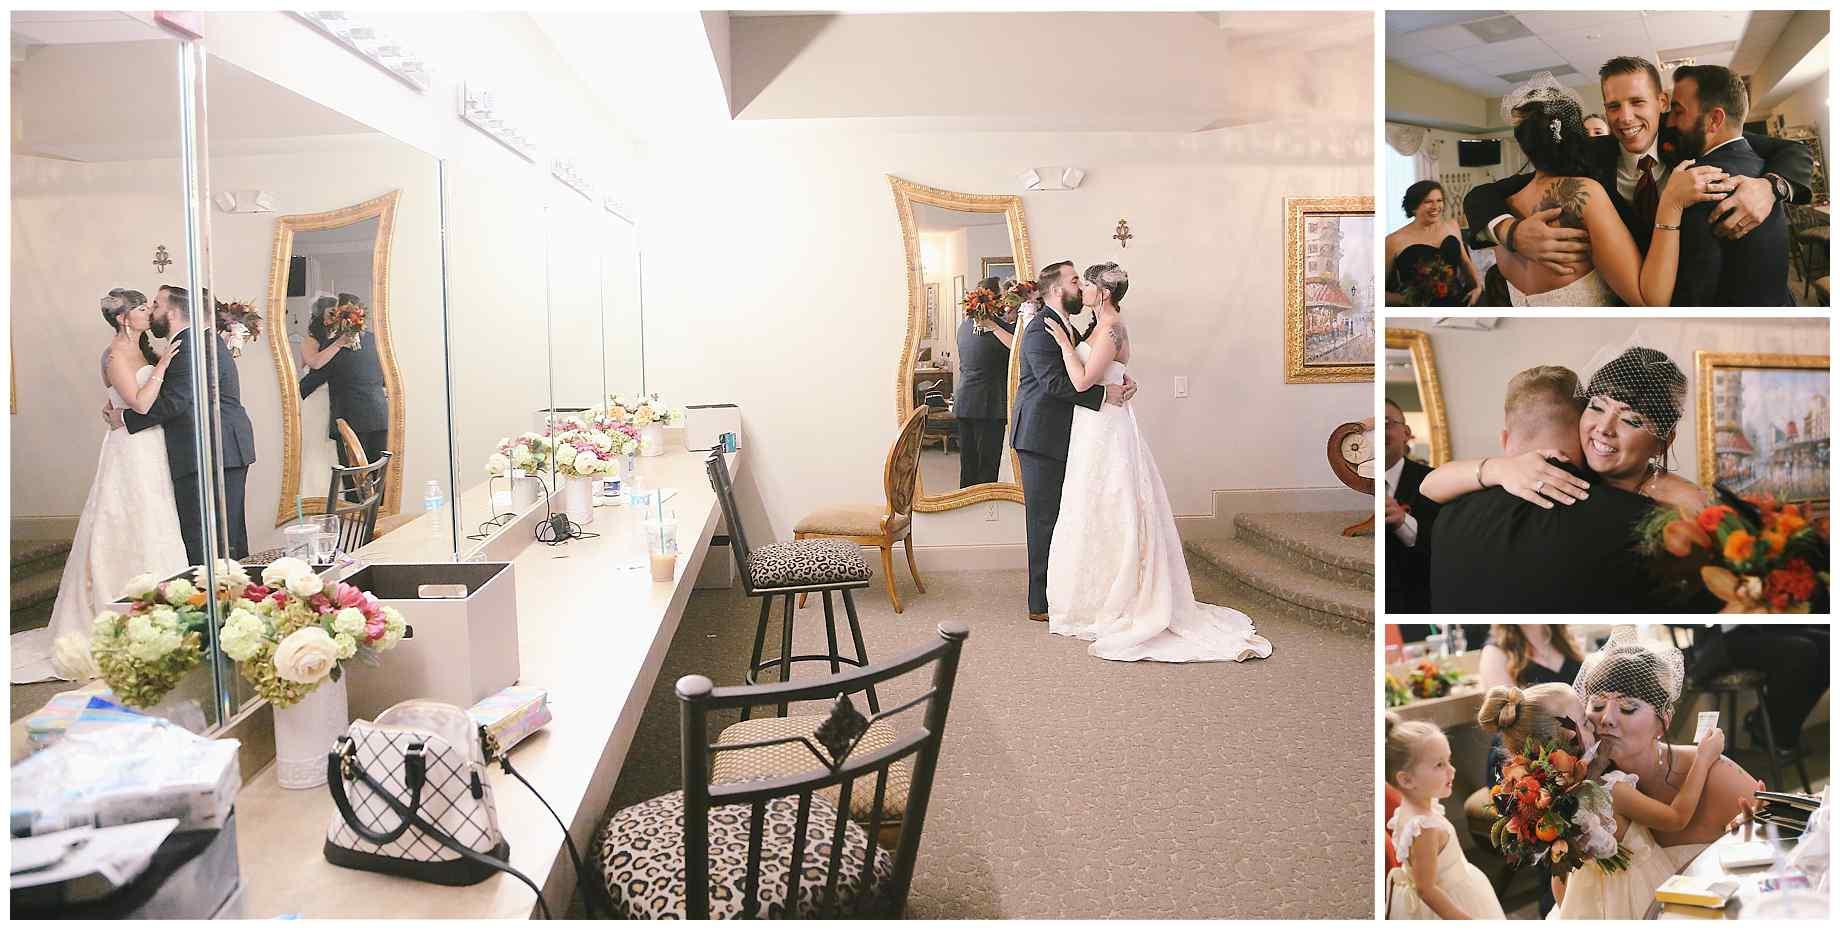 Le-Beaux-Chateau-wedding-photos-026